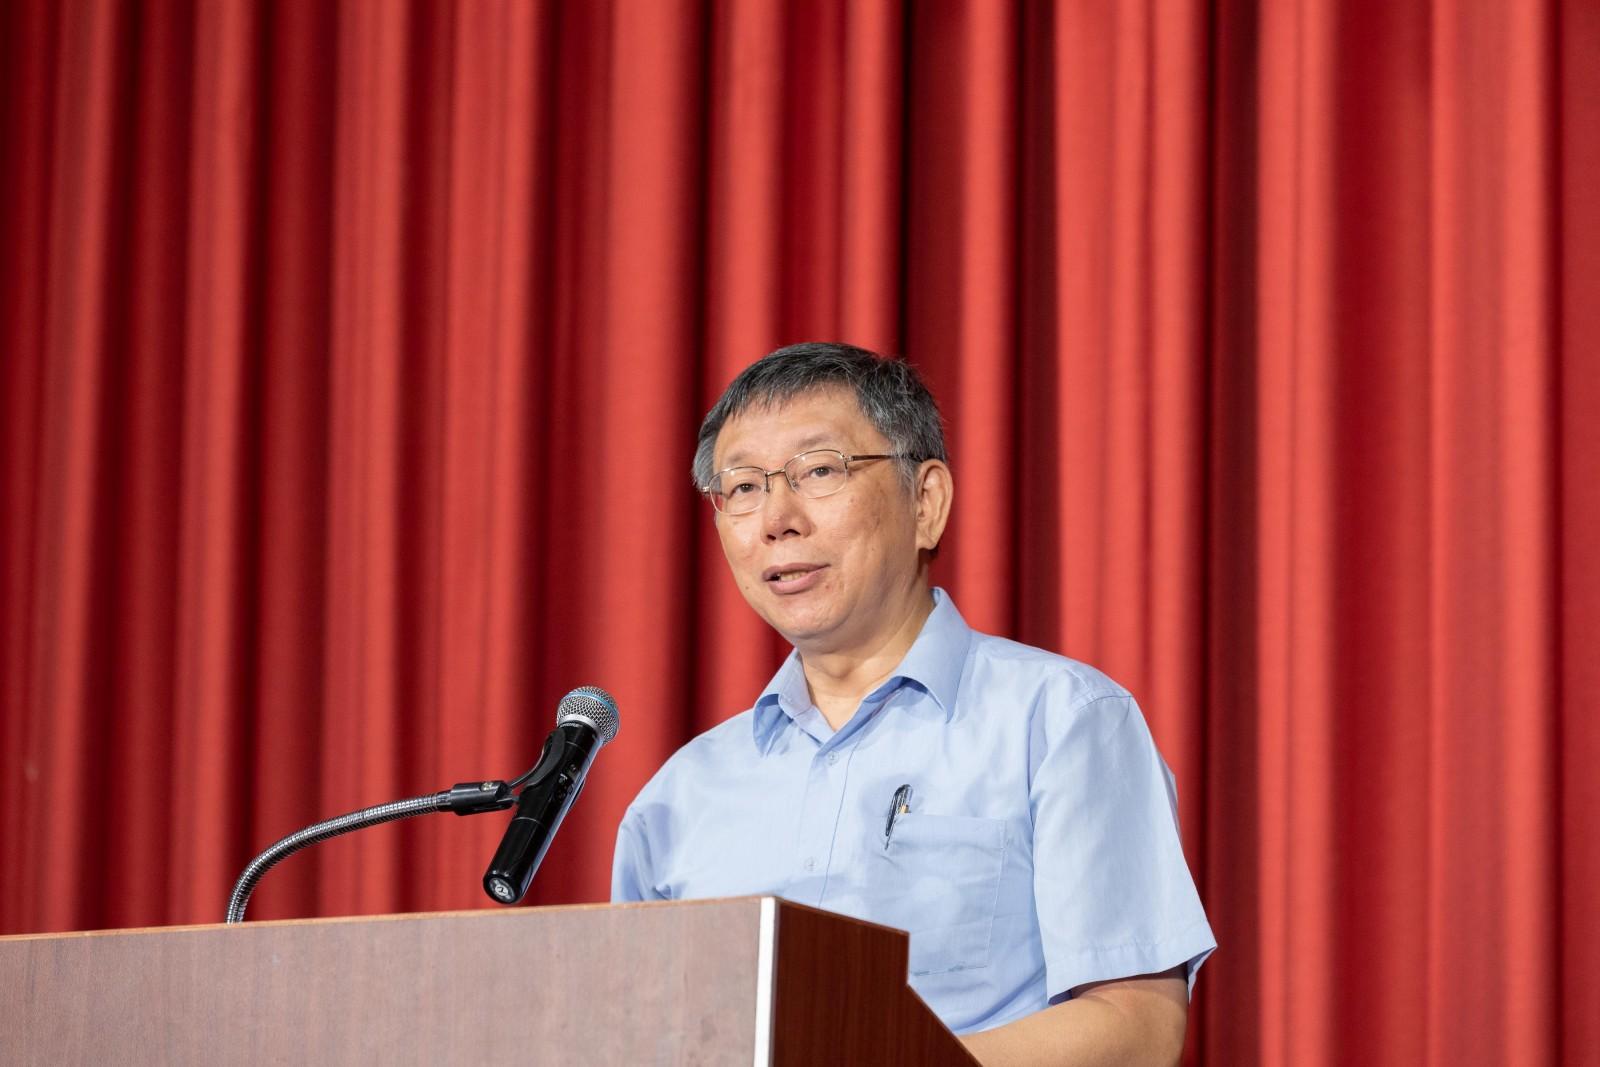 台灣民眾黨成立 柯P首任黨主席